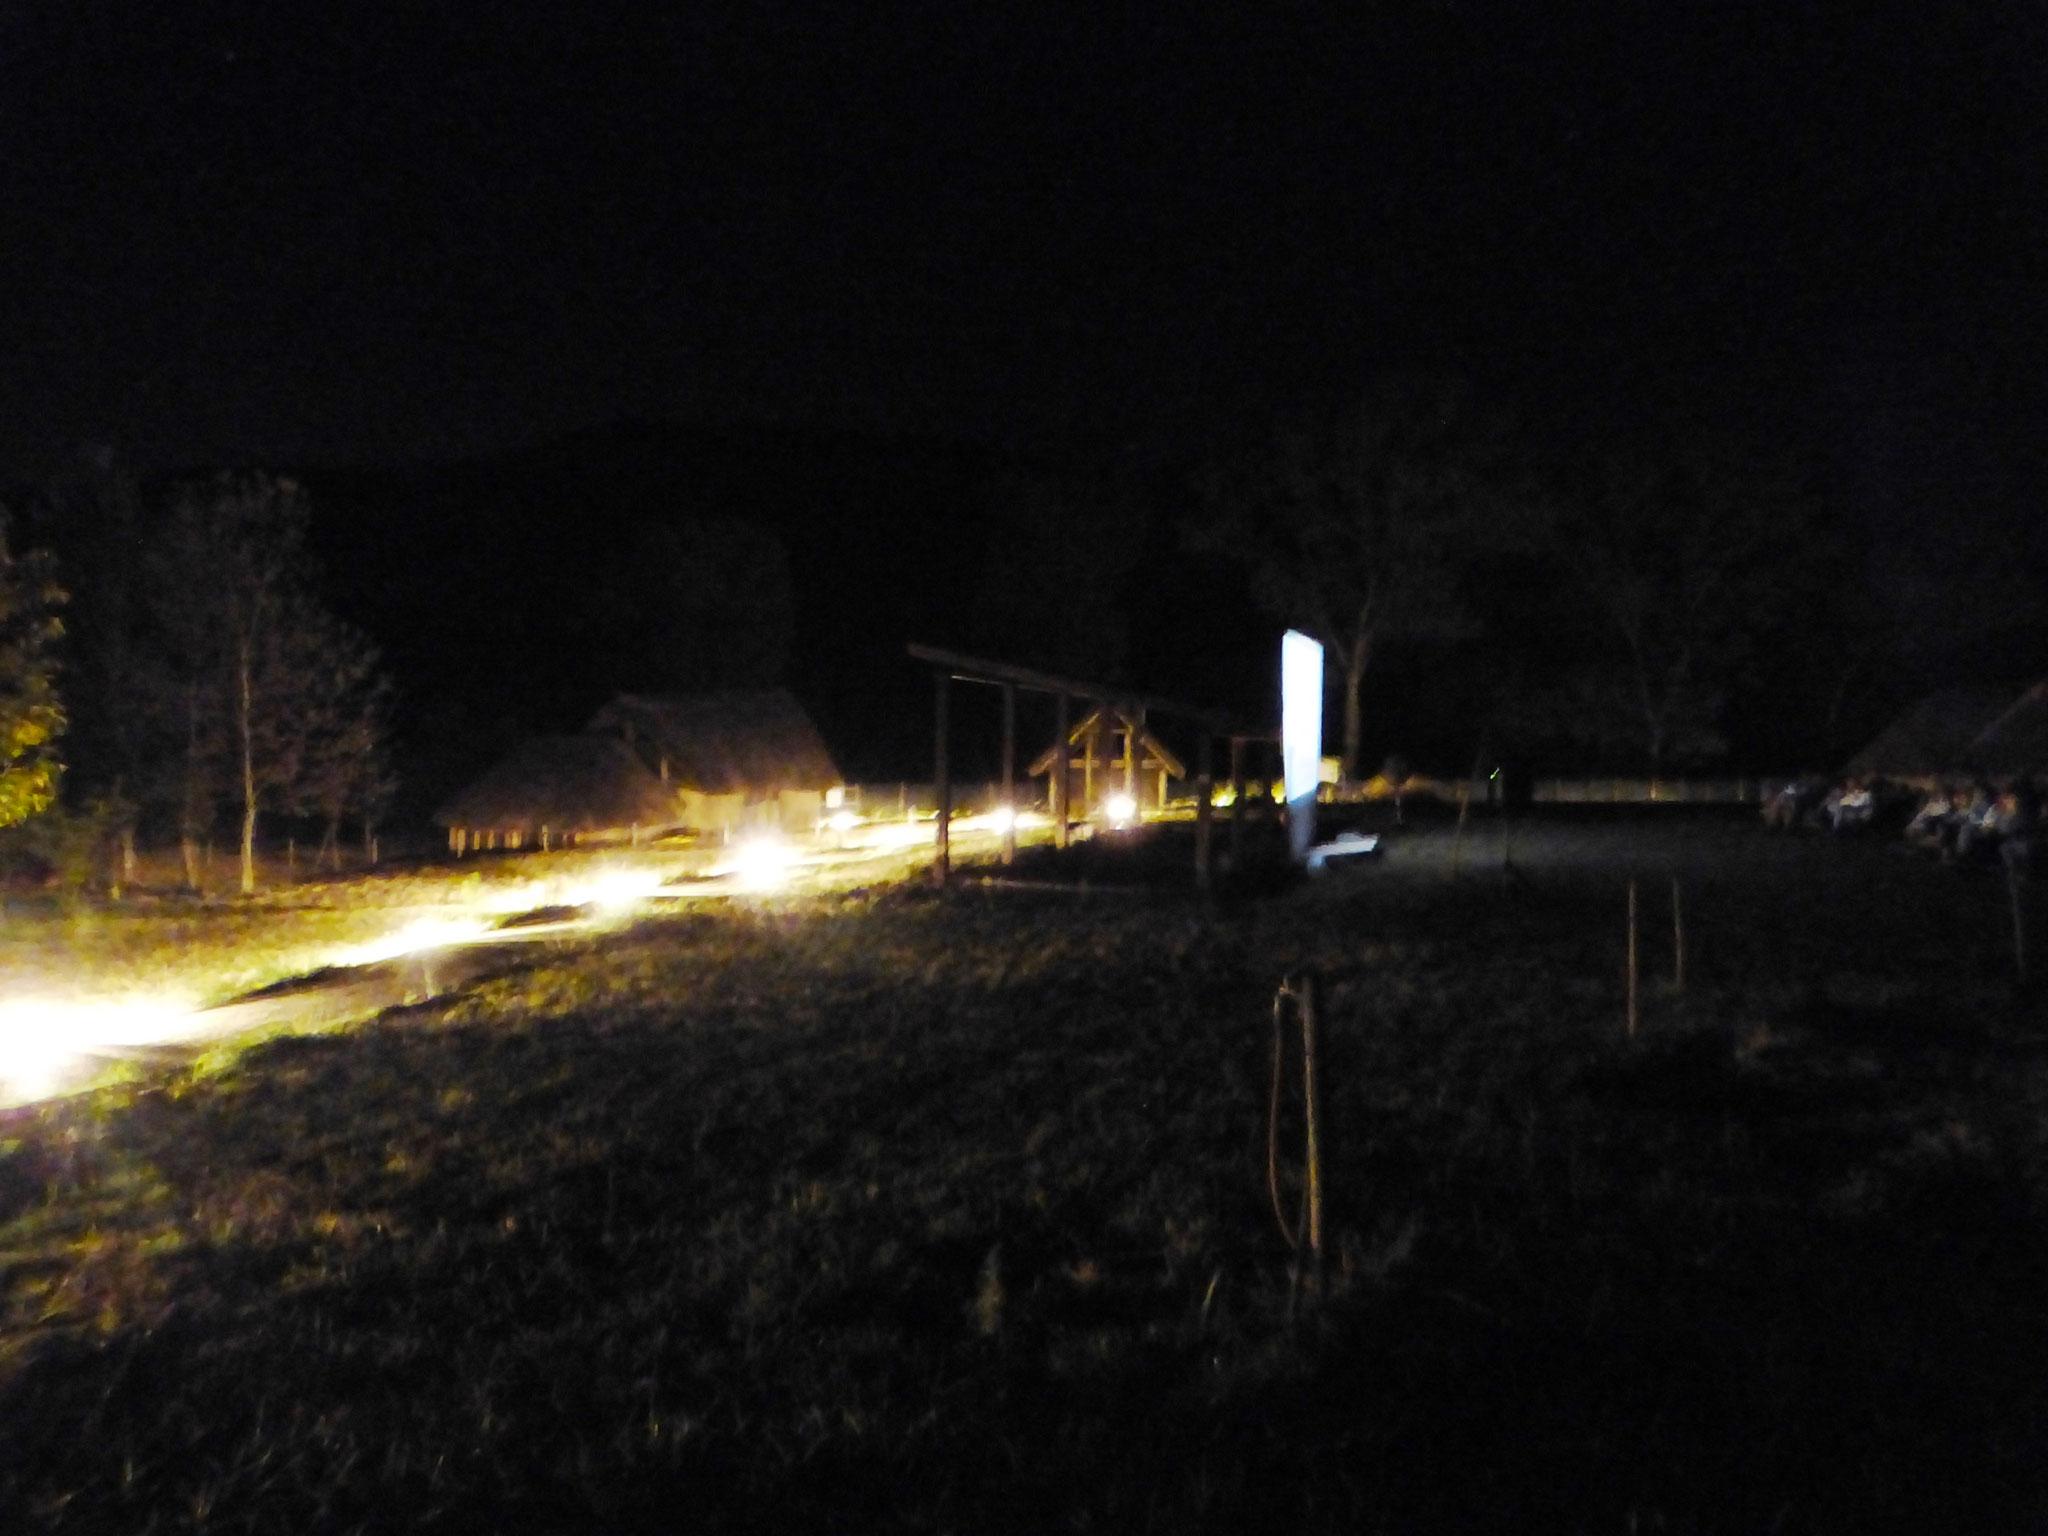 cinema sotto le stelle - Parco Archeologico di Travo 23 agosto 2016